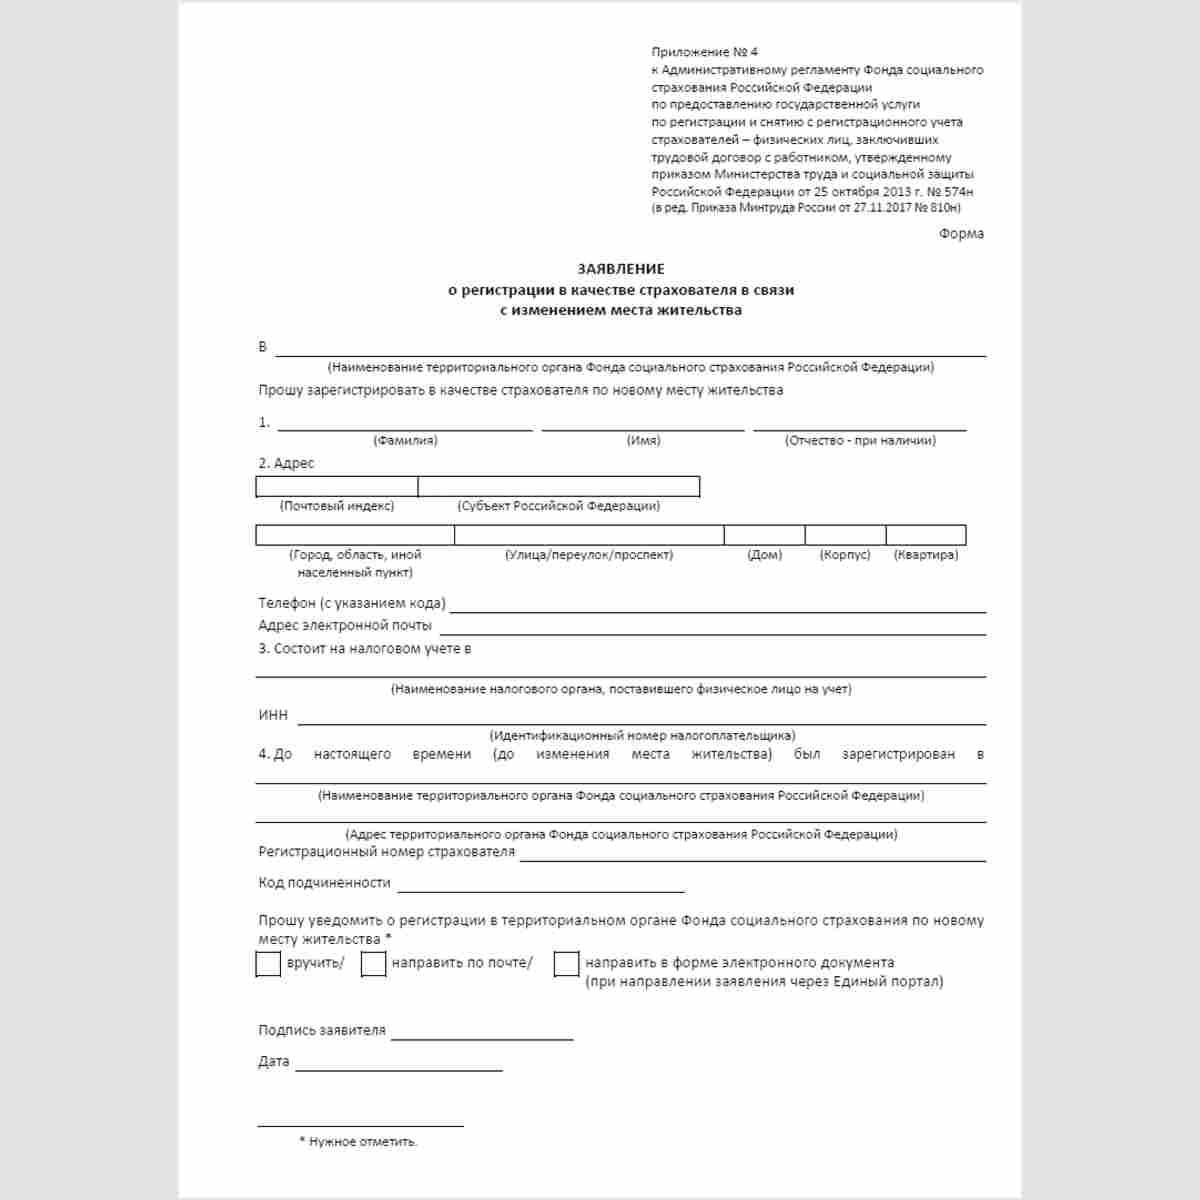 """Форма """"Заявление о регистрации в качестве страхователя в связи с изменением места жительства"""""""